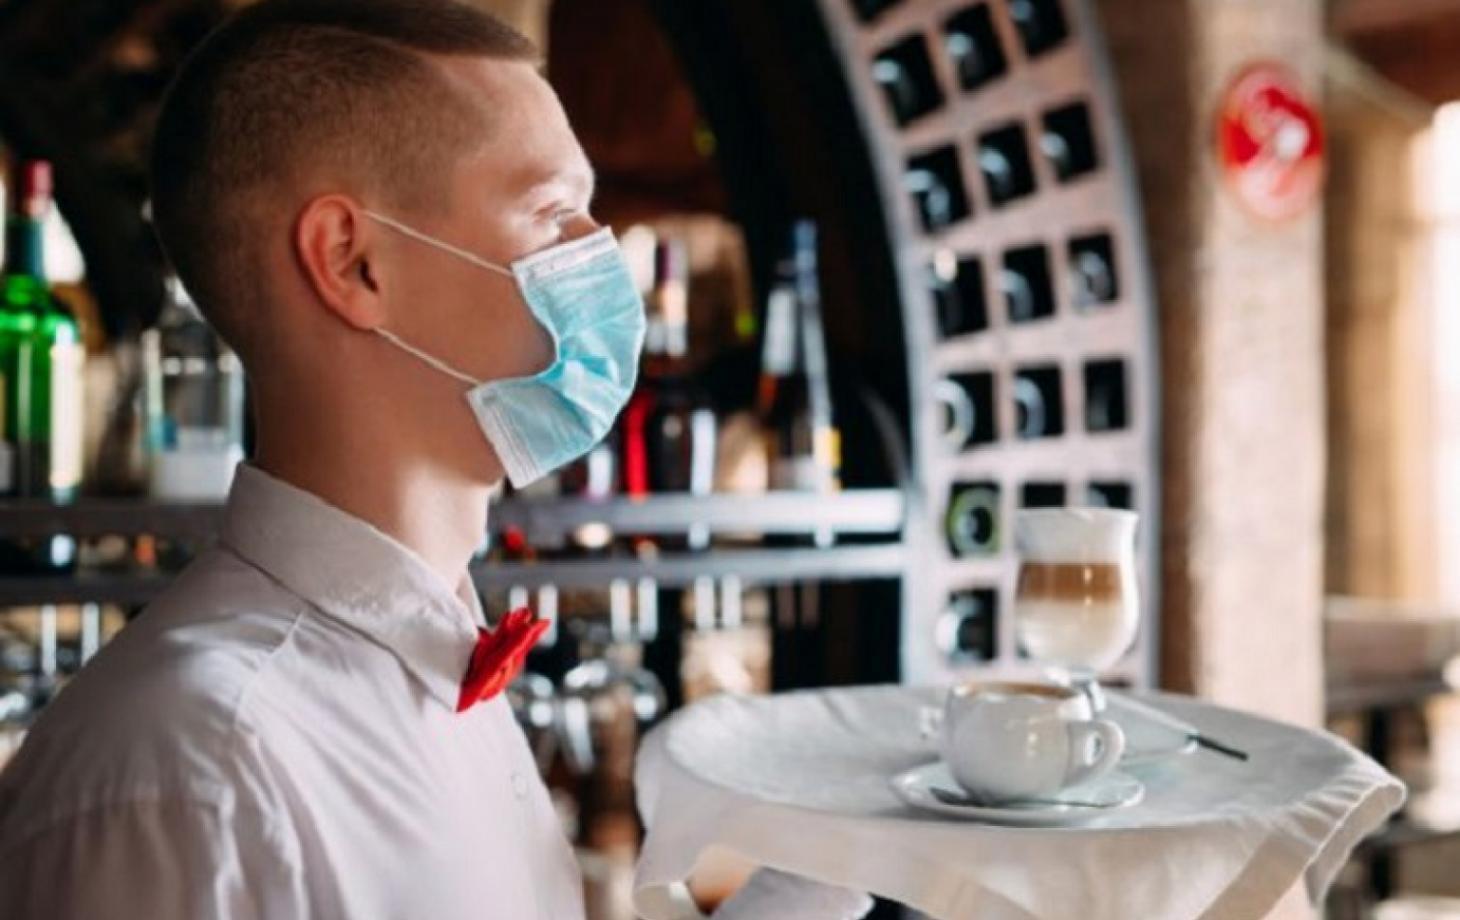 После введения новых условий около 25% кафе и ресторанов в стране закроются